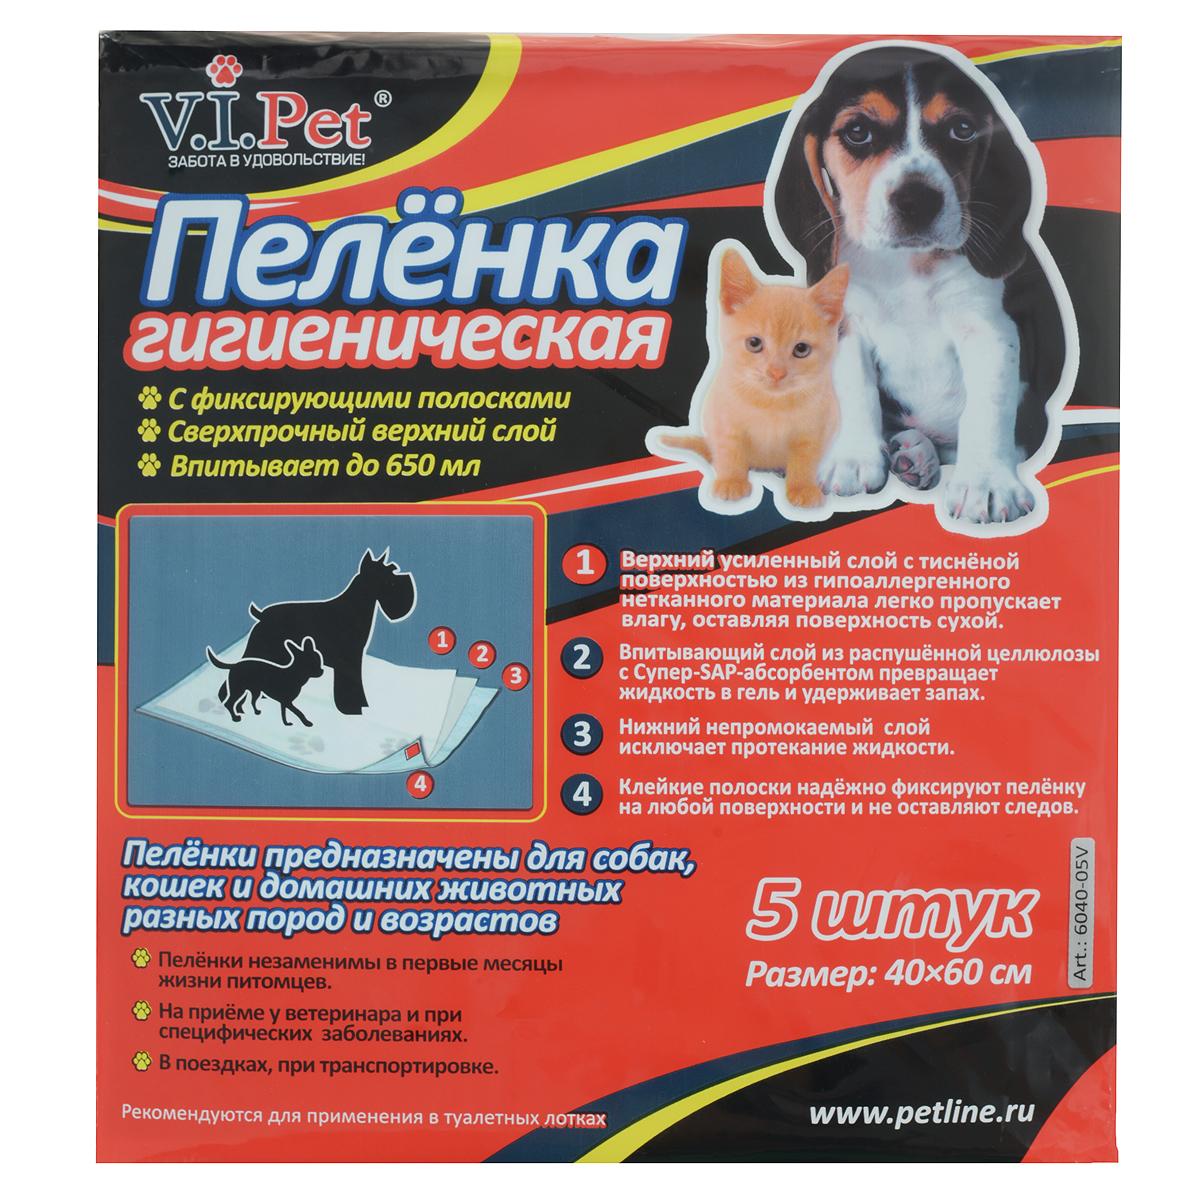 Пеленки для домашних животных V.I.Pet, гигиенические, 40 см х 60 см, 5 шт6040-05VВпитывающие гигиенические пеленки V.I.Pet предназначены для собак, кошек и других домашних животных разных пород и возрастов. Пеленки имеют 3 слоя: - верхний усиленный слой с тисненой поверхностью из гипоаллергенного нетканного материала легко пропускает влагу, оставляя поверхность сухой; - впитывающий слой из распушенной целлюлозы с Супер-SAP-абсорбентом превращает жидкость в гель и удерживает запах; - нижний непромокаемый слой исключает протекание жидкости; Клейкие полоски надежно фиксируют пеленку на любой поверхности и не оставляют следов. Пеленки незаменимы в первые месяцы жизни щенков, при специфических заболеваниях, поездках, выставках и на приеме у ветеринара. Подходят для туалетных лотков. Благодаря оригинальной 3-х слойной компановке, пеленки прекрасно удерживают влагу. Сохраняют форму, поглощая до 650 мл жидкости. Сверхпрочный верхний слой устойчив к повреждениям и острым когтям. Пеленки обеспечивают...